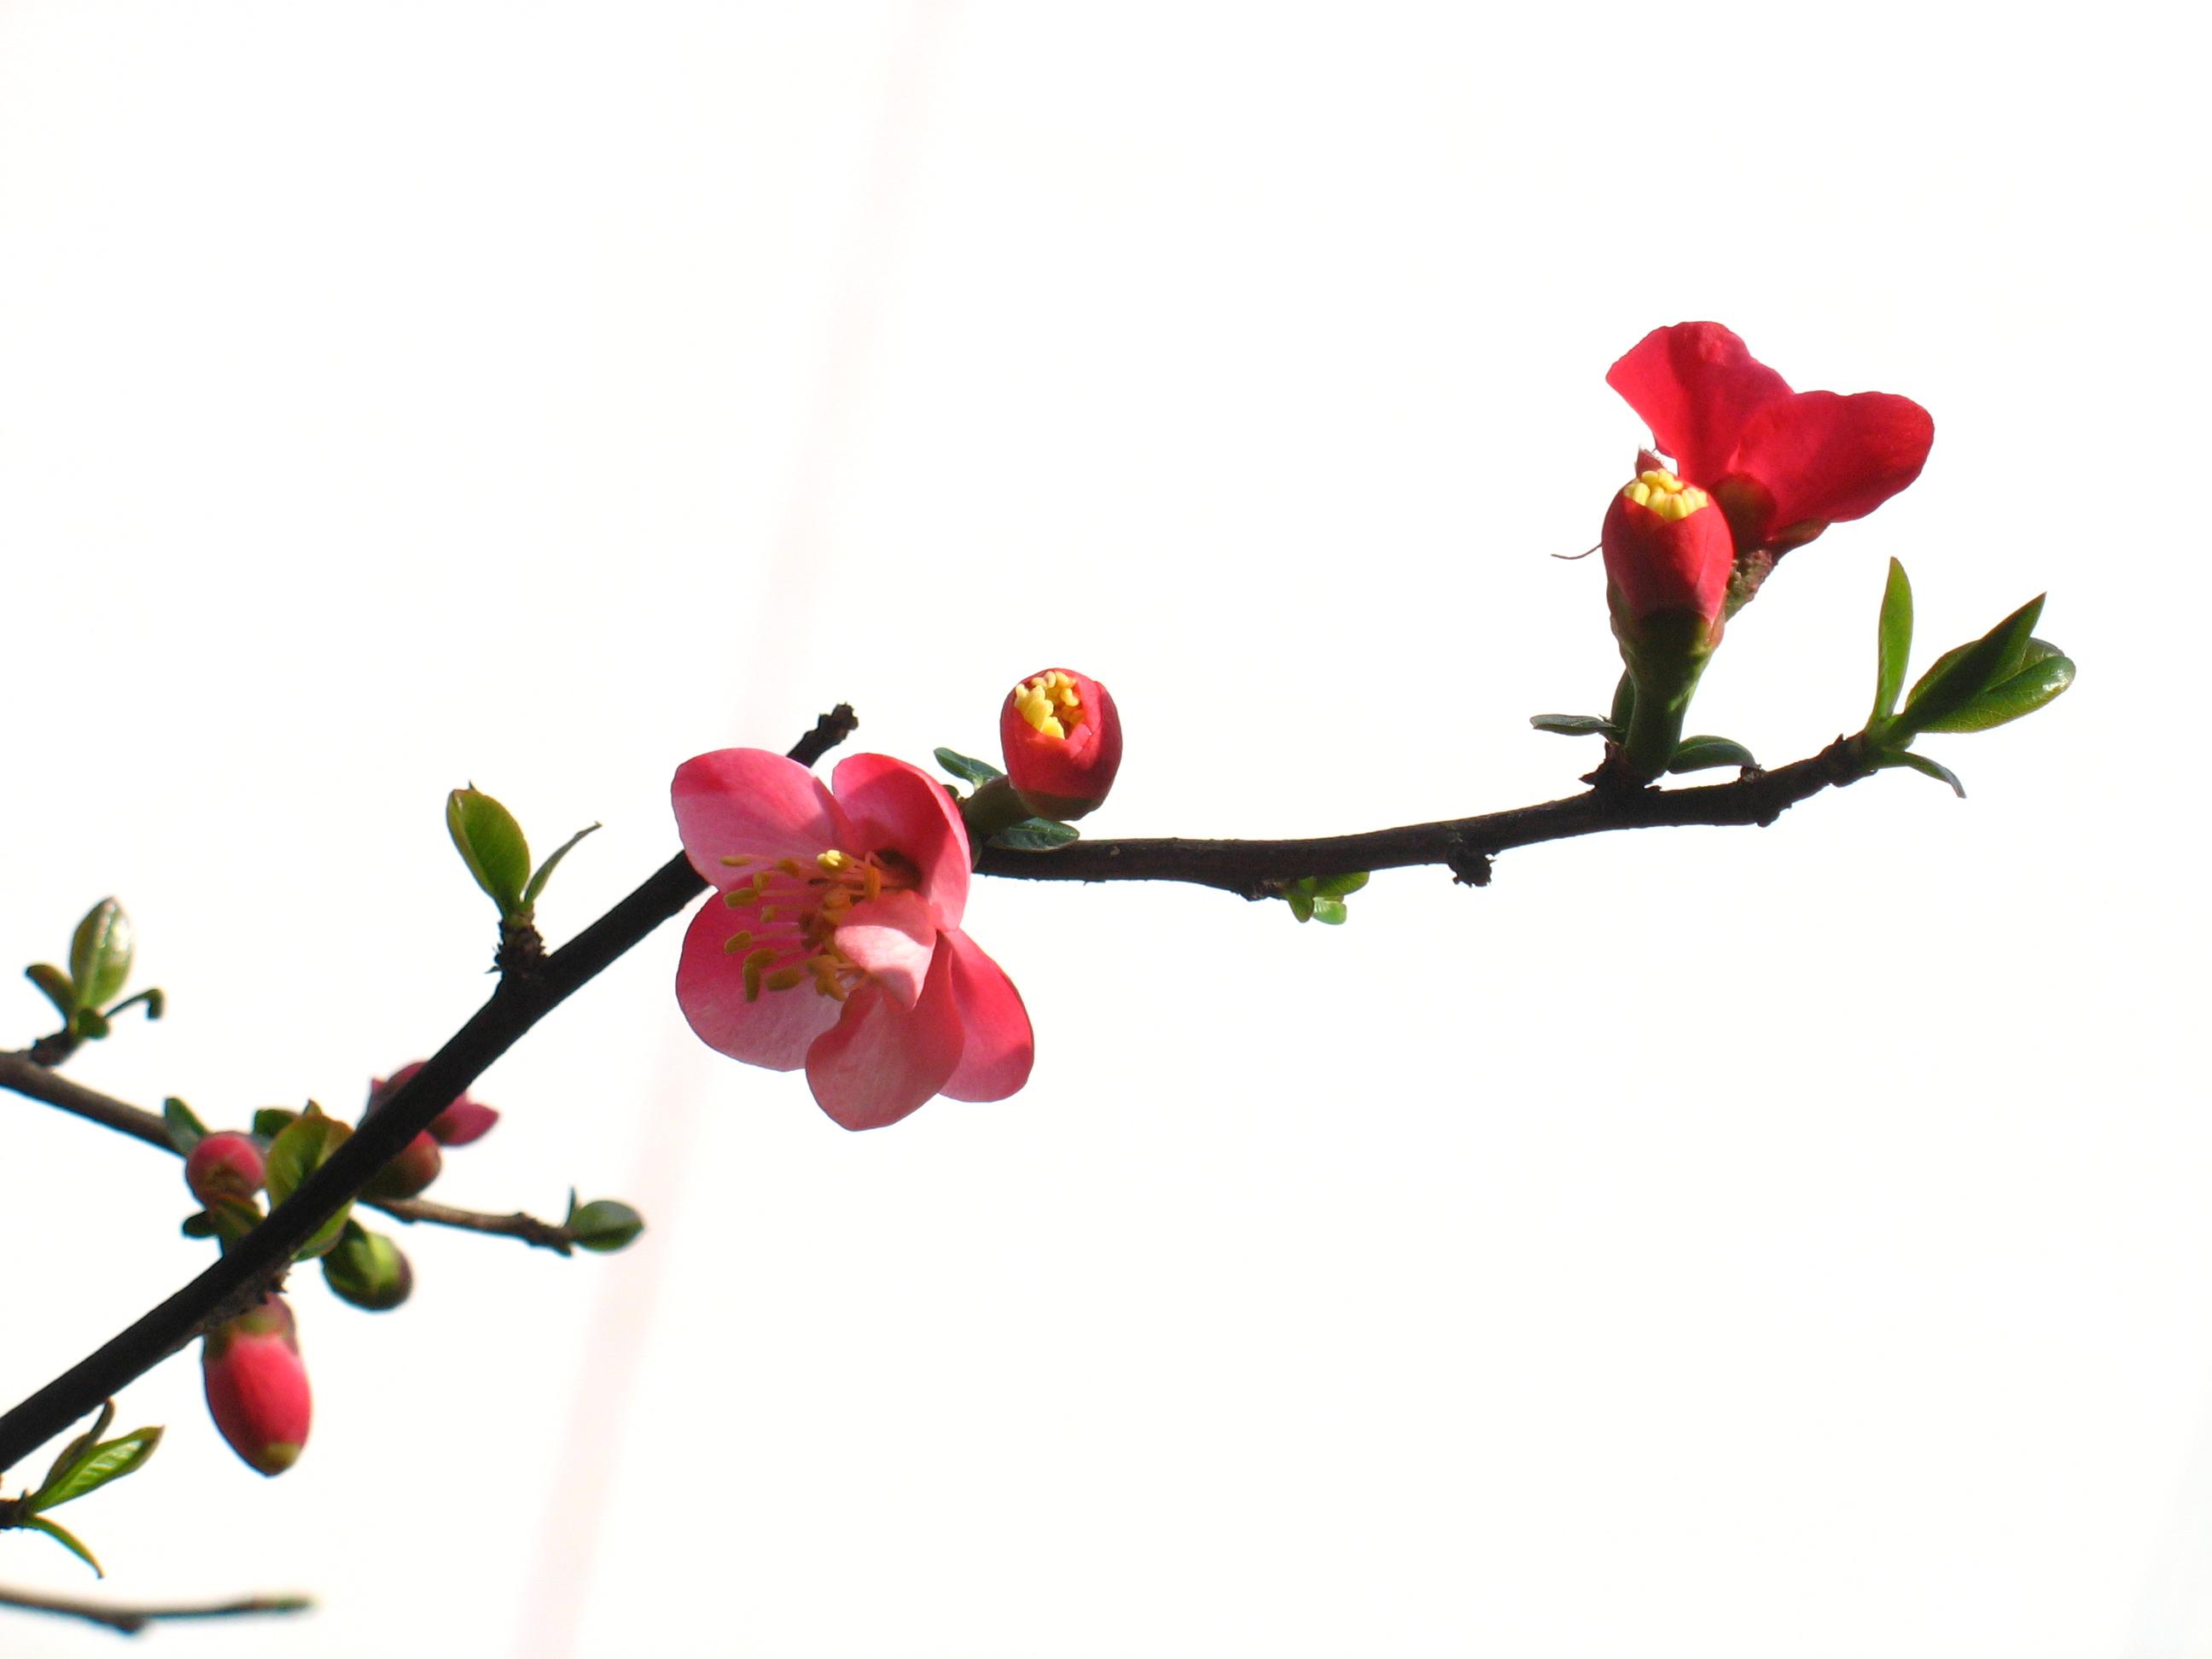 孙晓梅图片_科学网—春绽海棠枝 - 徐耀的博文